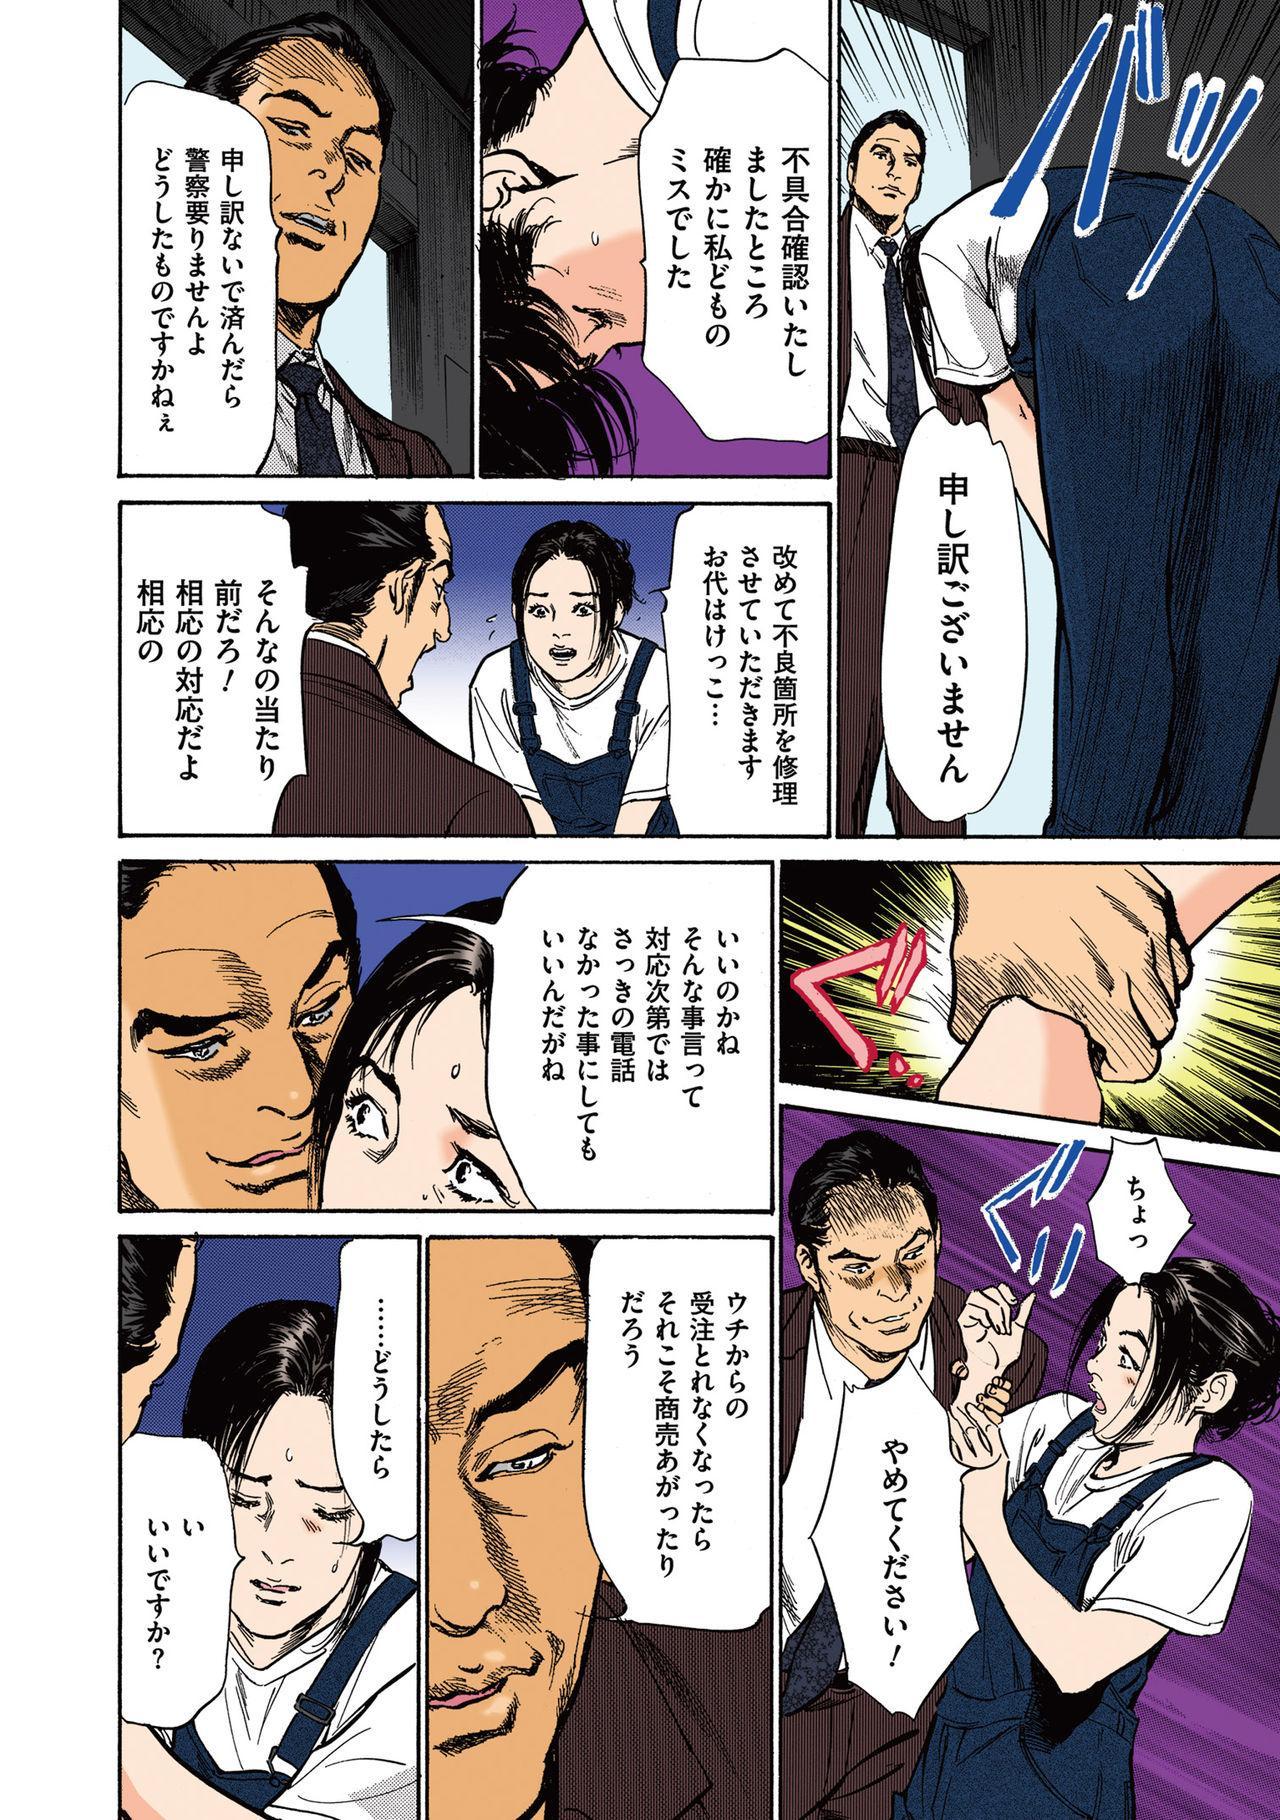 [Hazuki Kaoru] Hazuki Kaoru no Tamaranai Hanashi (Full Color Version) 2-1 75